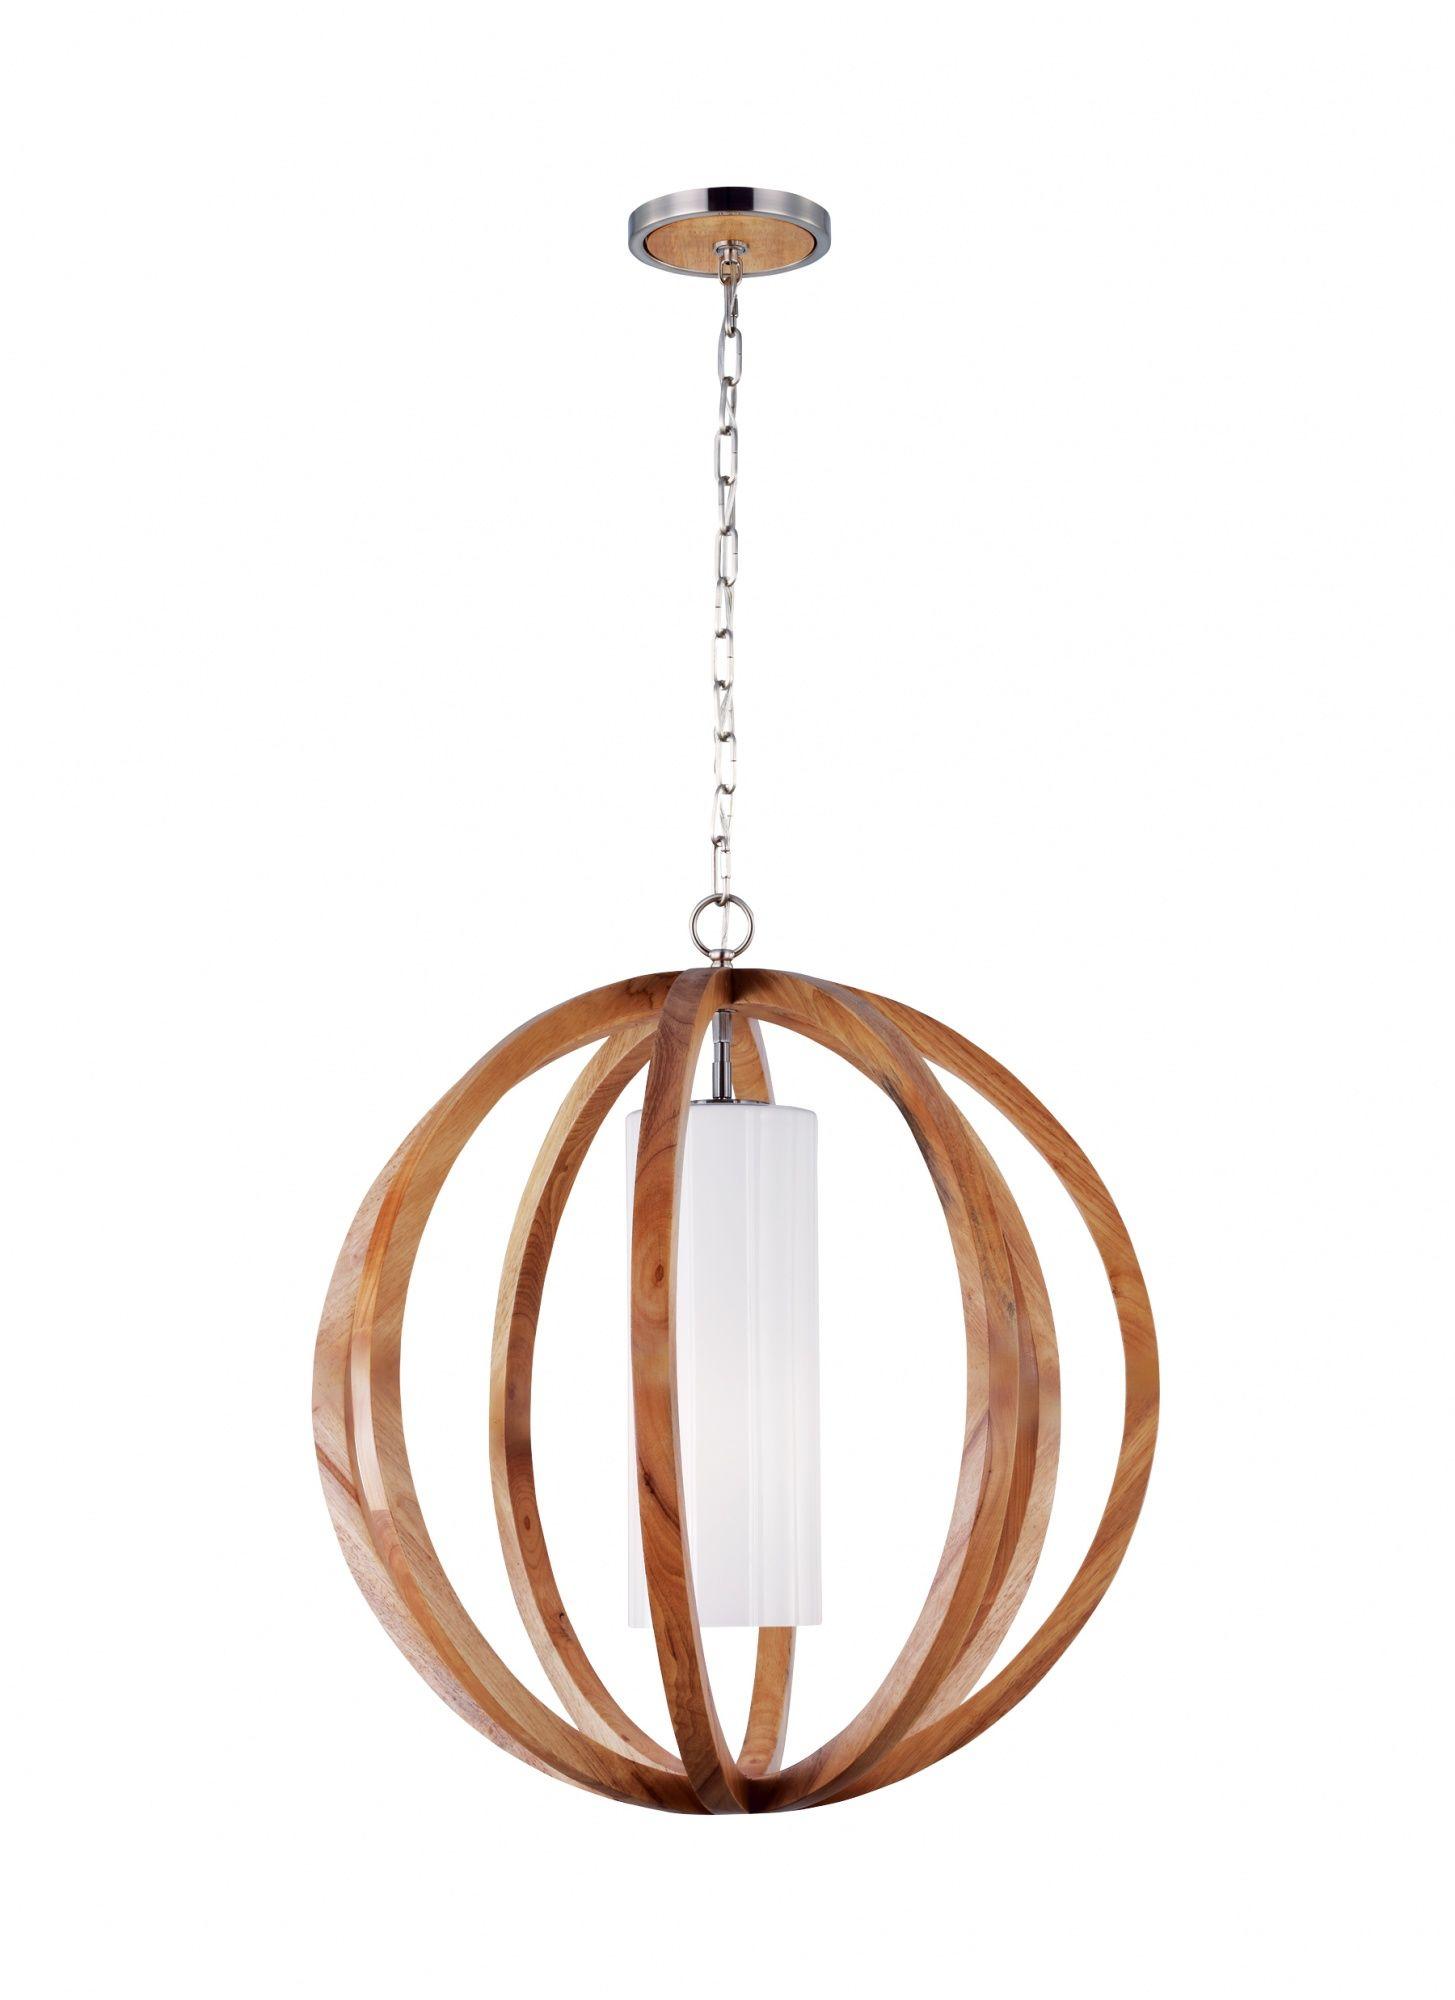 Lampa wisząca Allier FE/ALLIER/P/L LW Feiss drewniana oprawa w nowoczesnym stylu